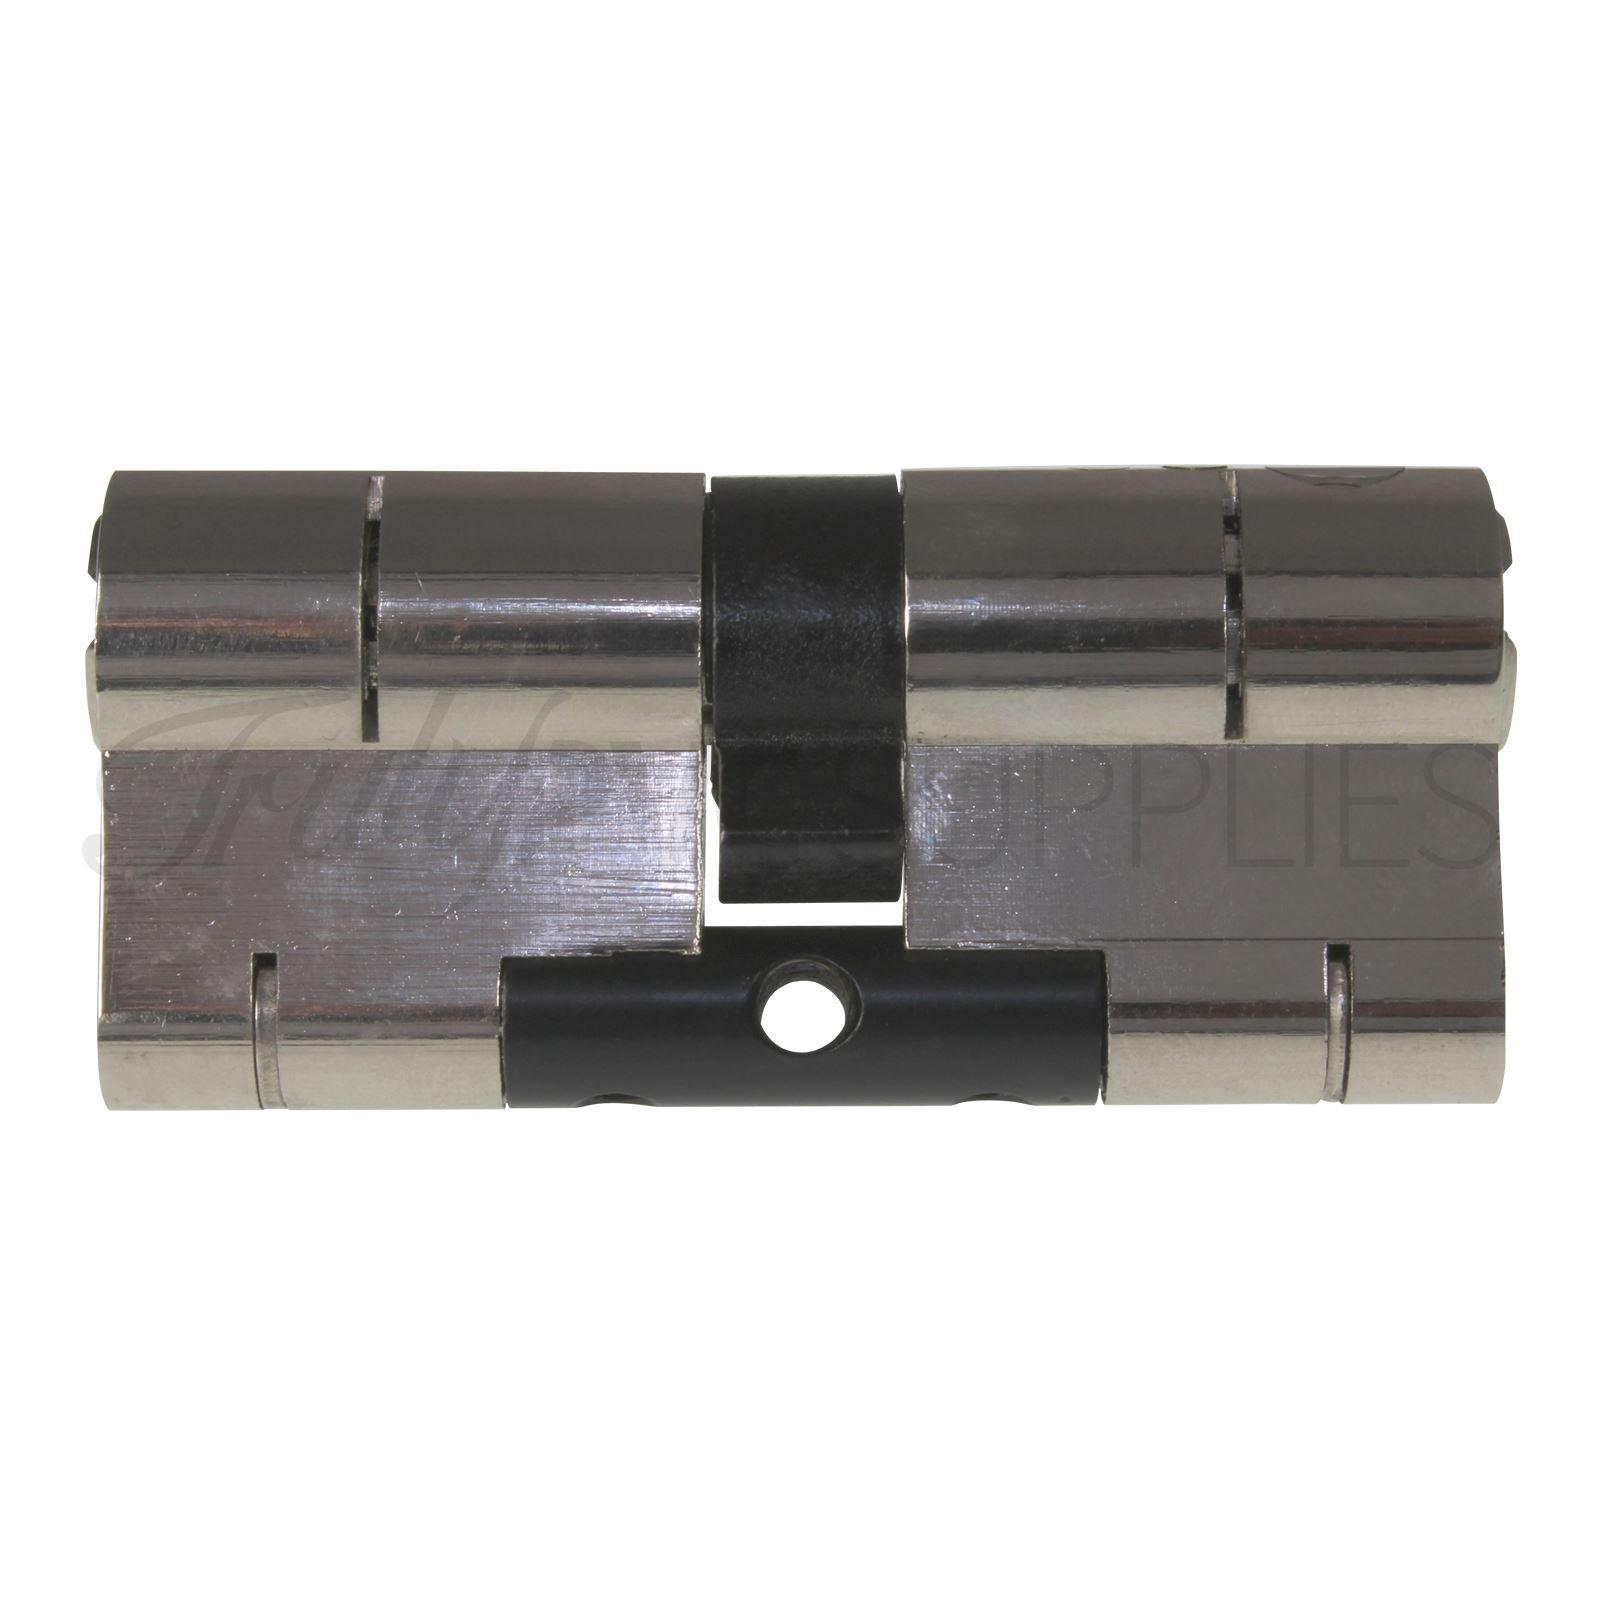 40//50/Yale Superior cilindro Euro lat/ón anti Snap//Bump//Pick//taladro//Pull alta seguridad UPVC compuesto puerta barril cerradura de perfil Extra opci/ón clave